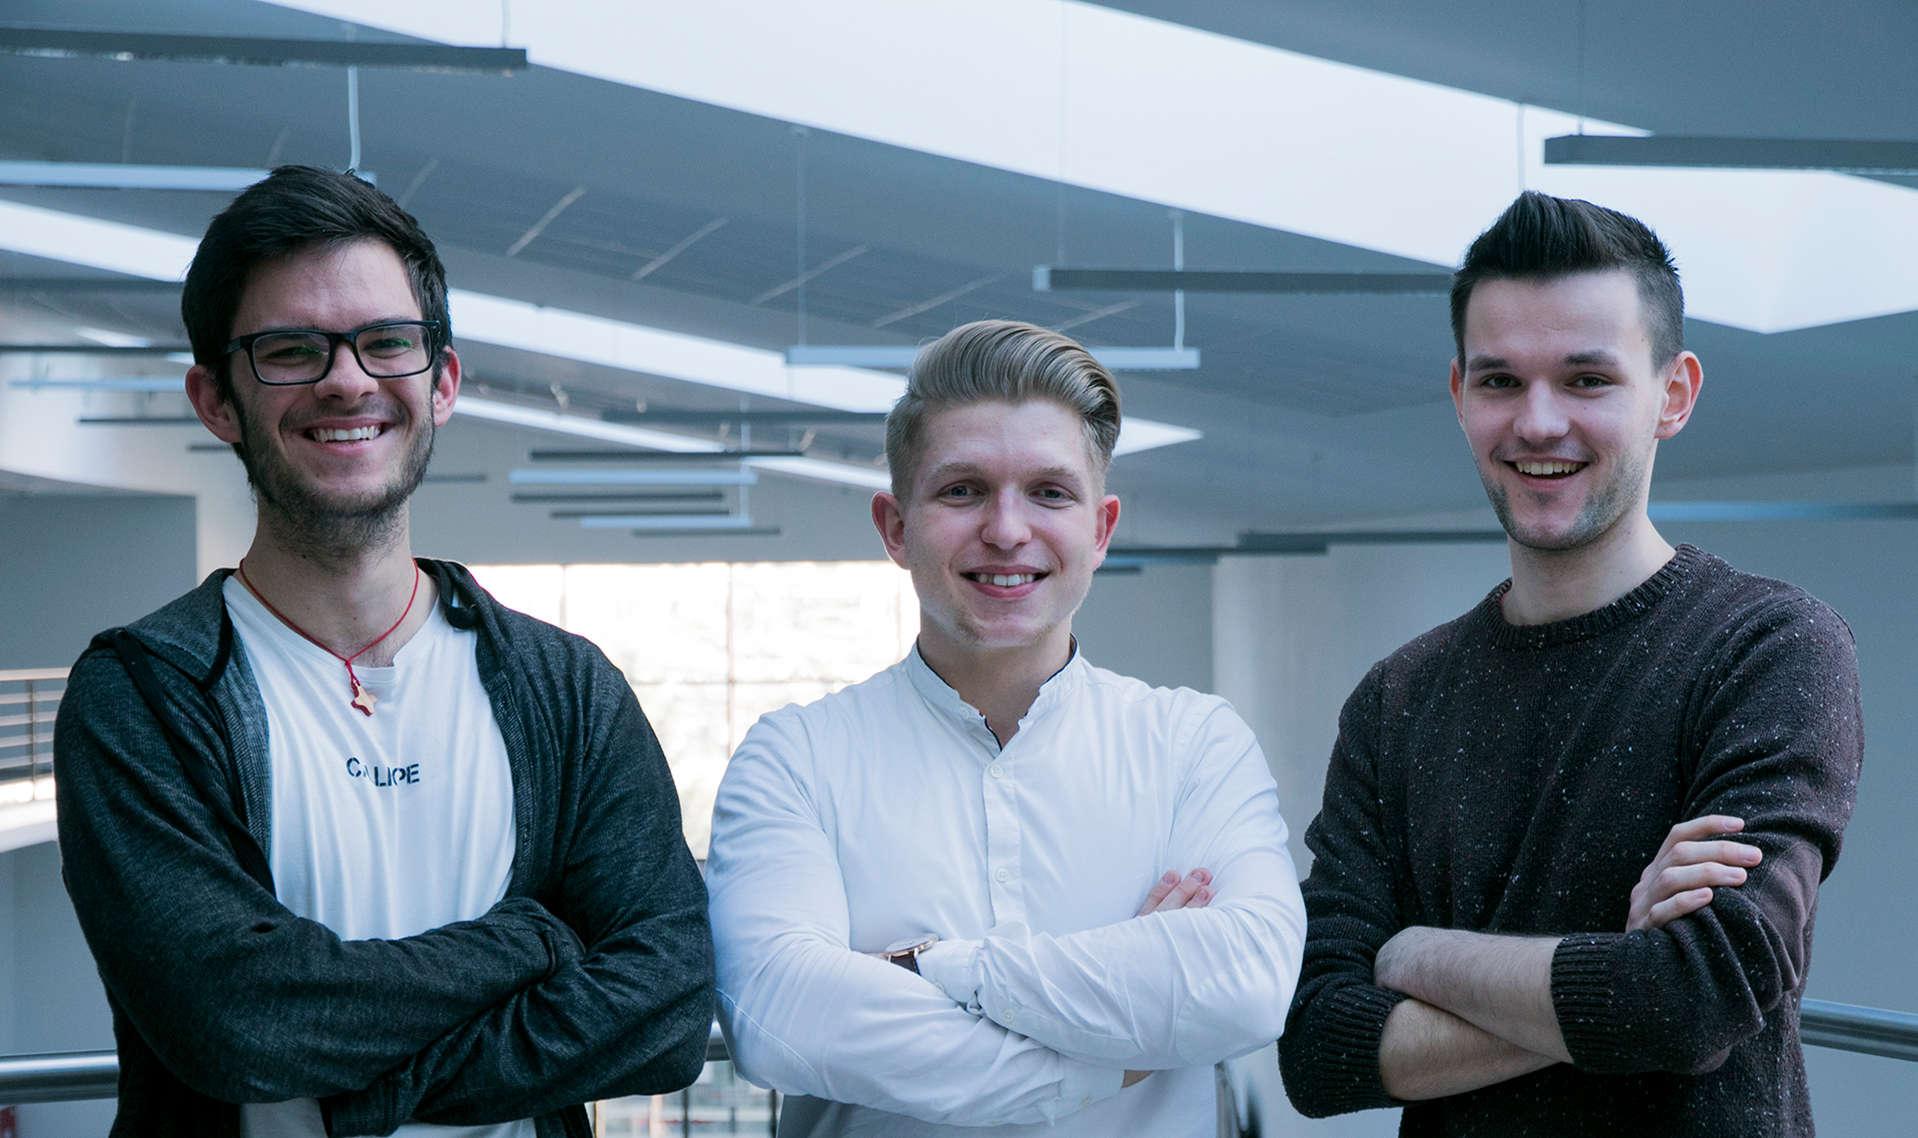 Slovenskí študenti zožali úspech s projektom internetového prehliadača pre nevidiacich